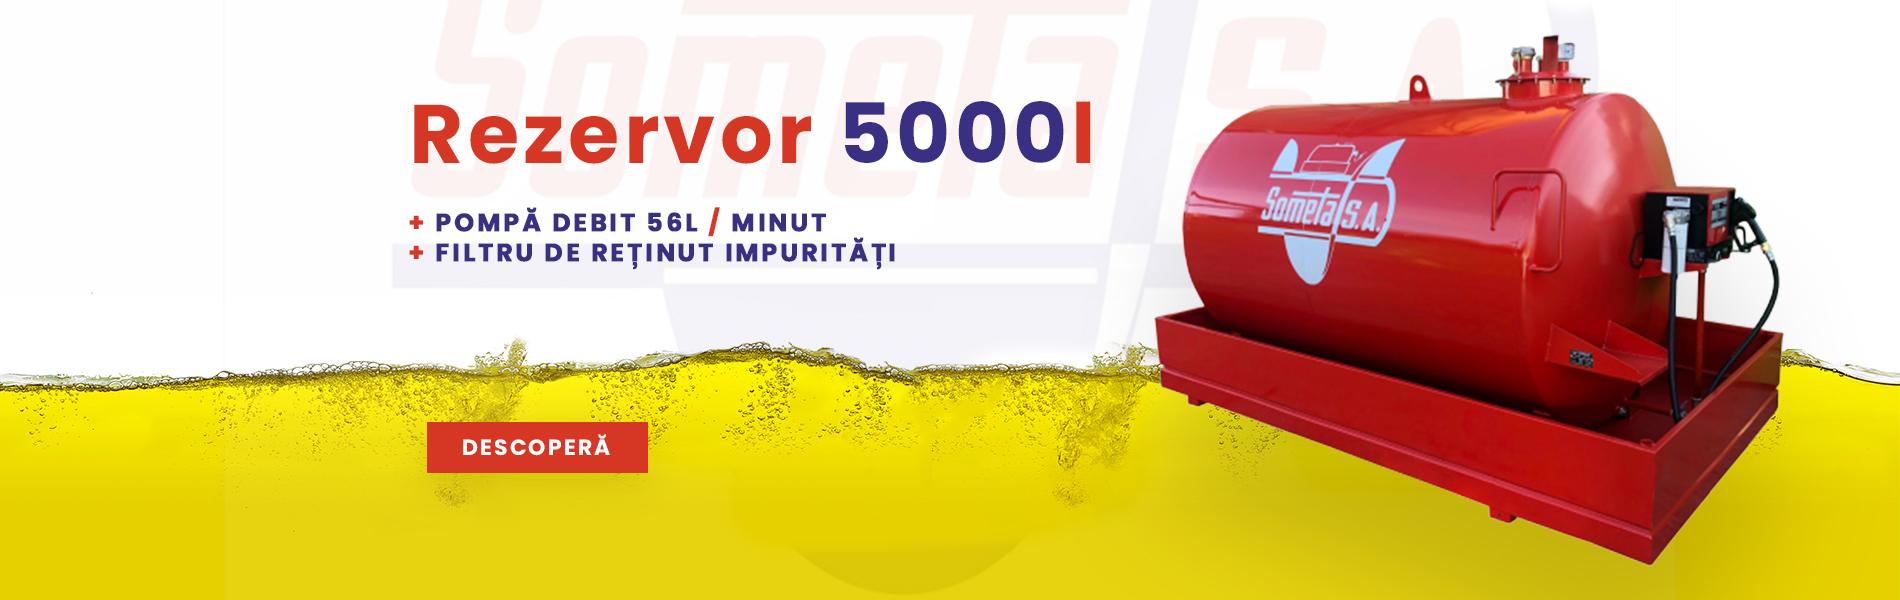 Rezervor 5000l